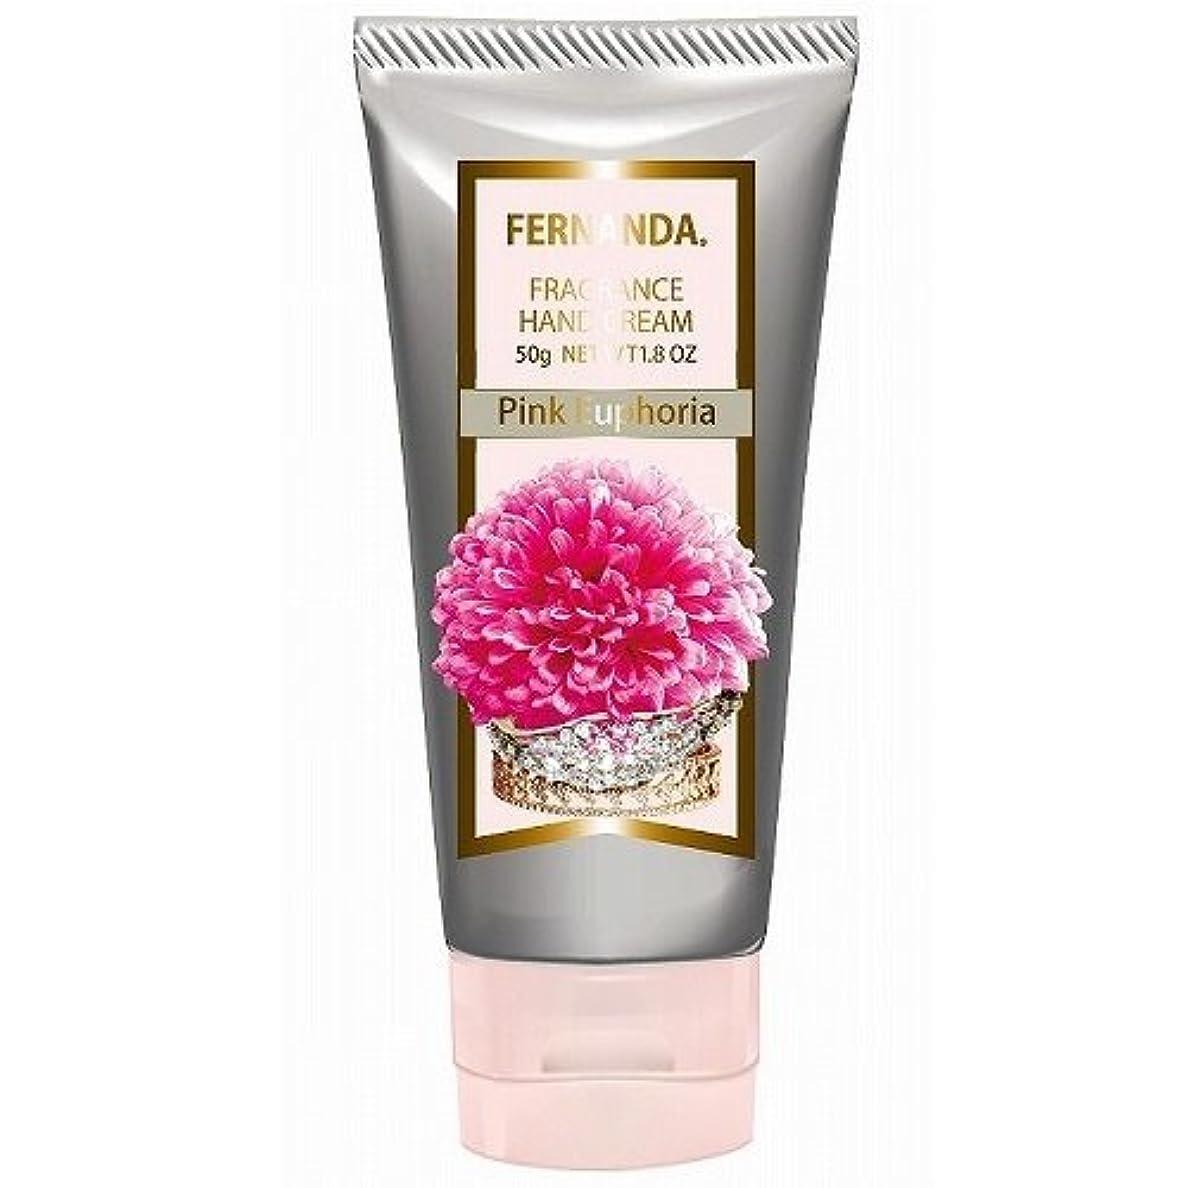 ブロー明るくする妊娠したFERNANDA(フェルナンダ) Hand Cream Pink Euphoria (ハンドクリーム ピンクエウフォリア)